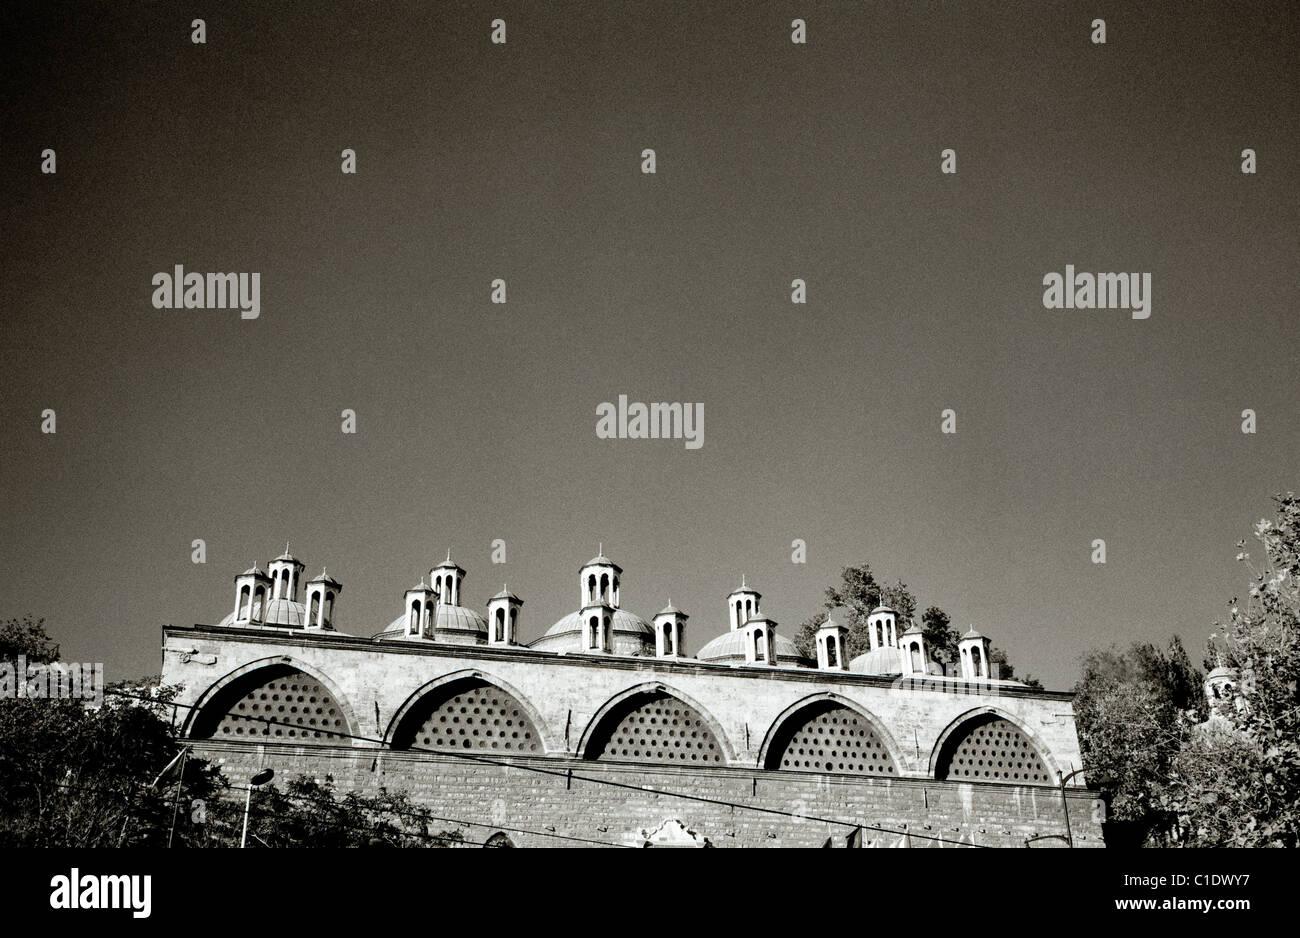 Architettura islamica di Istanbul in Turchia nel Medio Oriente asiatico. Costruzione della moschea minareto islam Immagini Stock